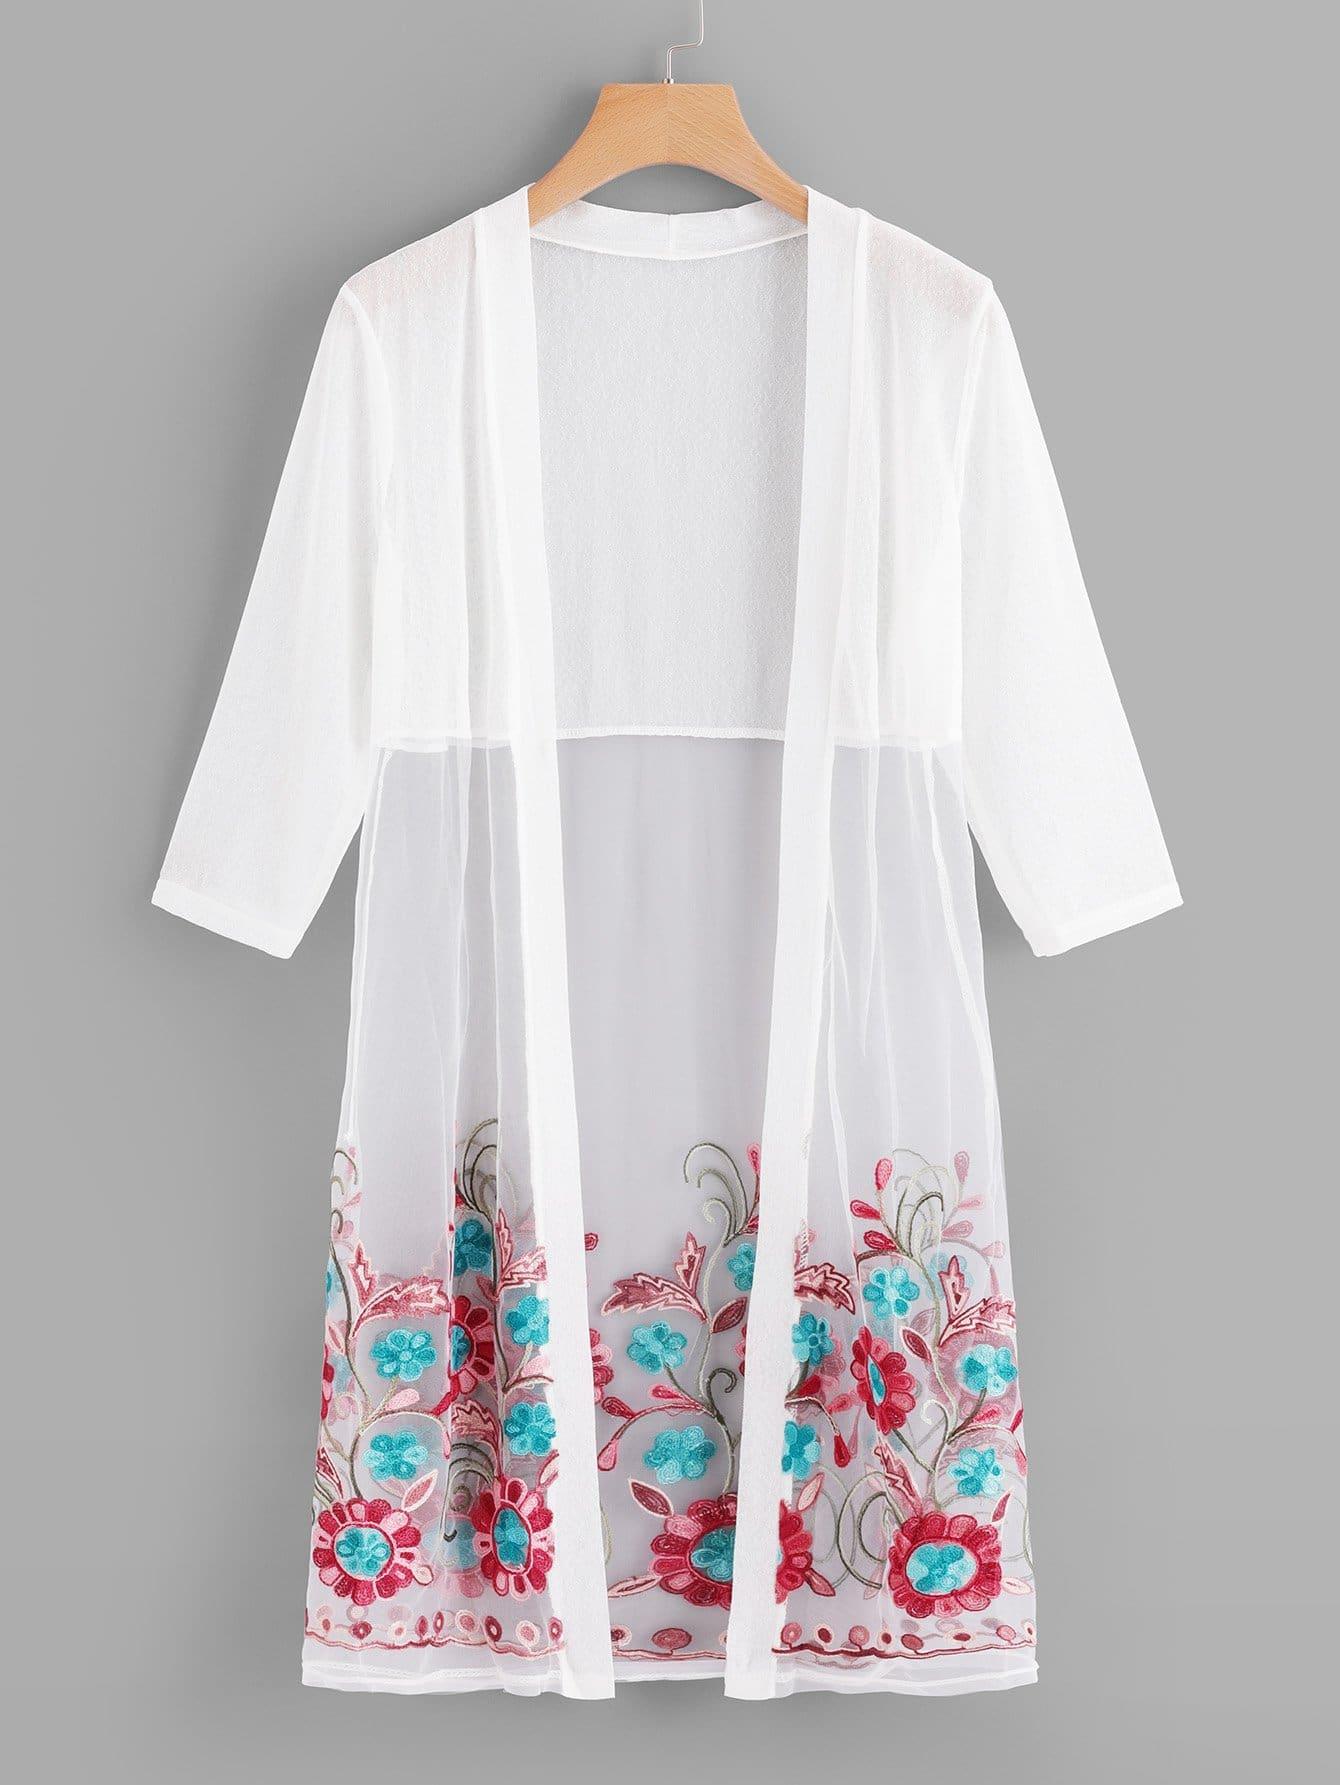 Sheer Mesh Floral Embroidered Kimono